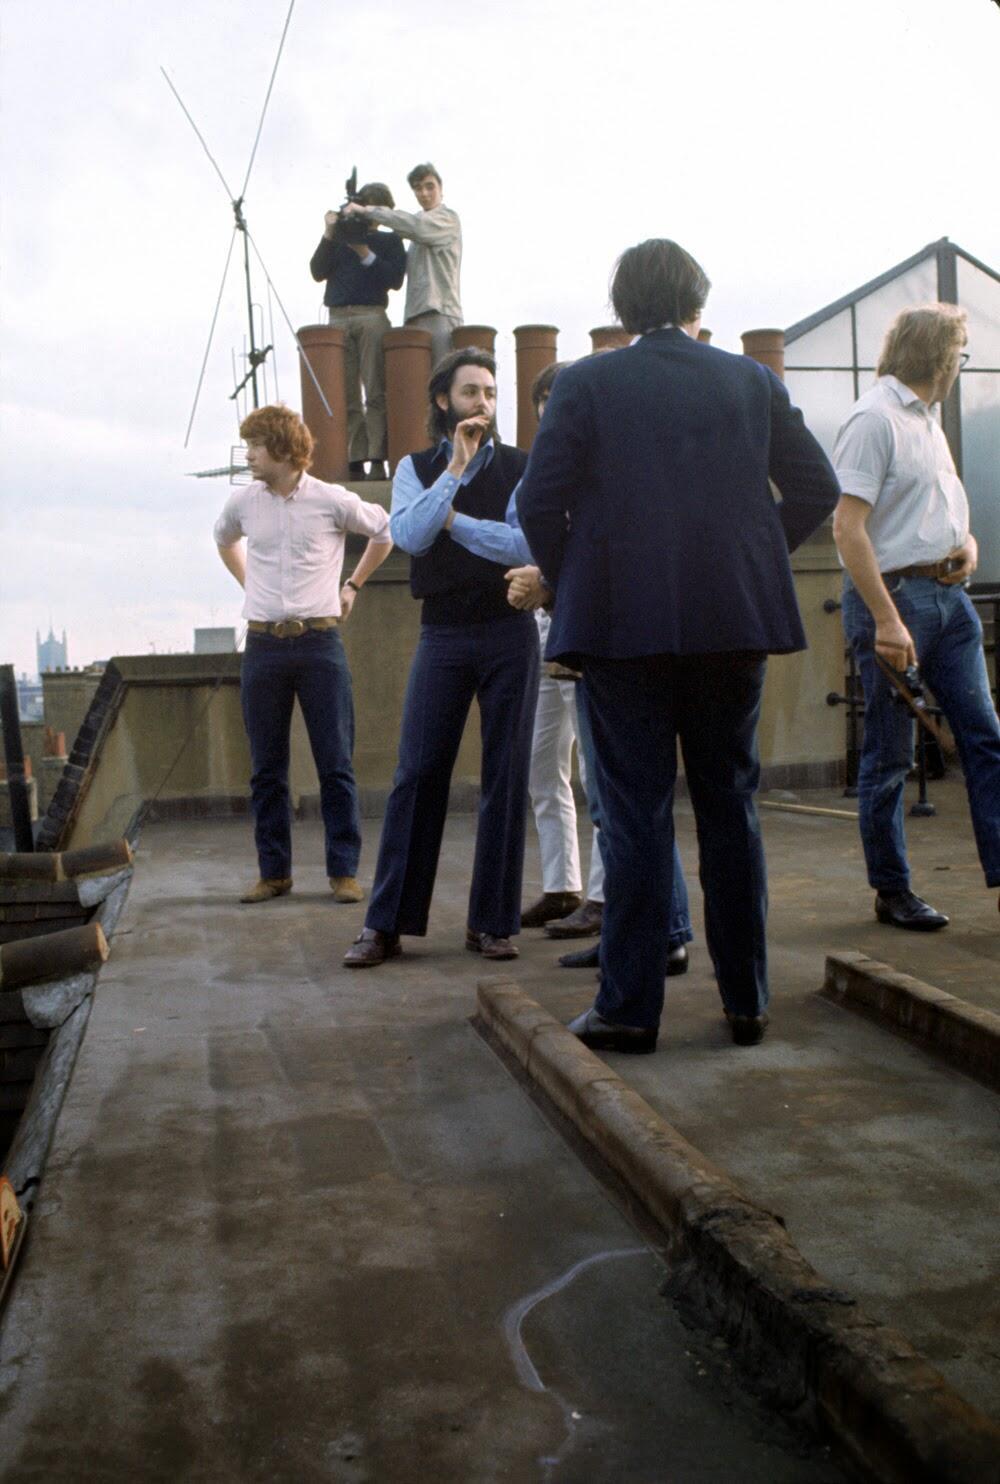 The Beatles' Rooftop Concert in 1969 (6).jpg